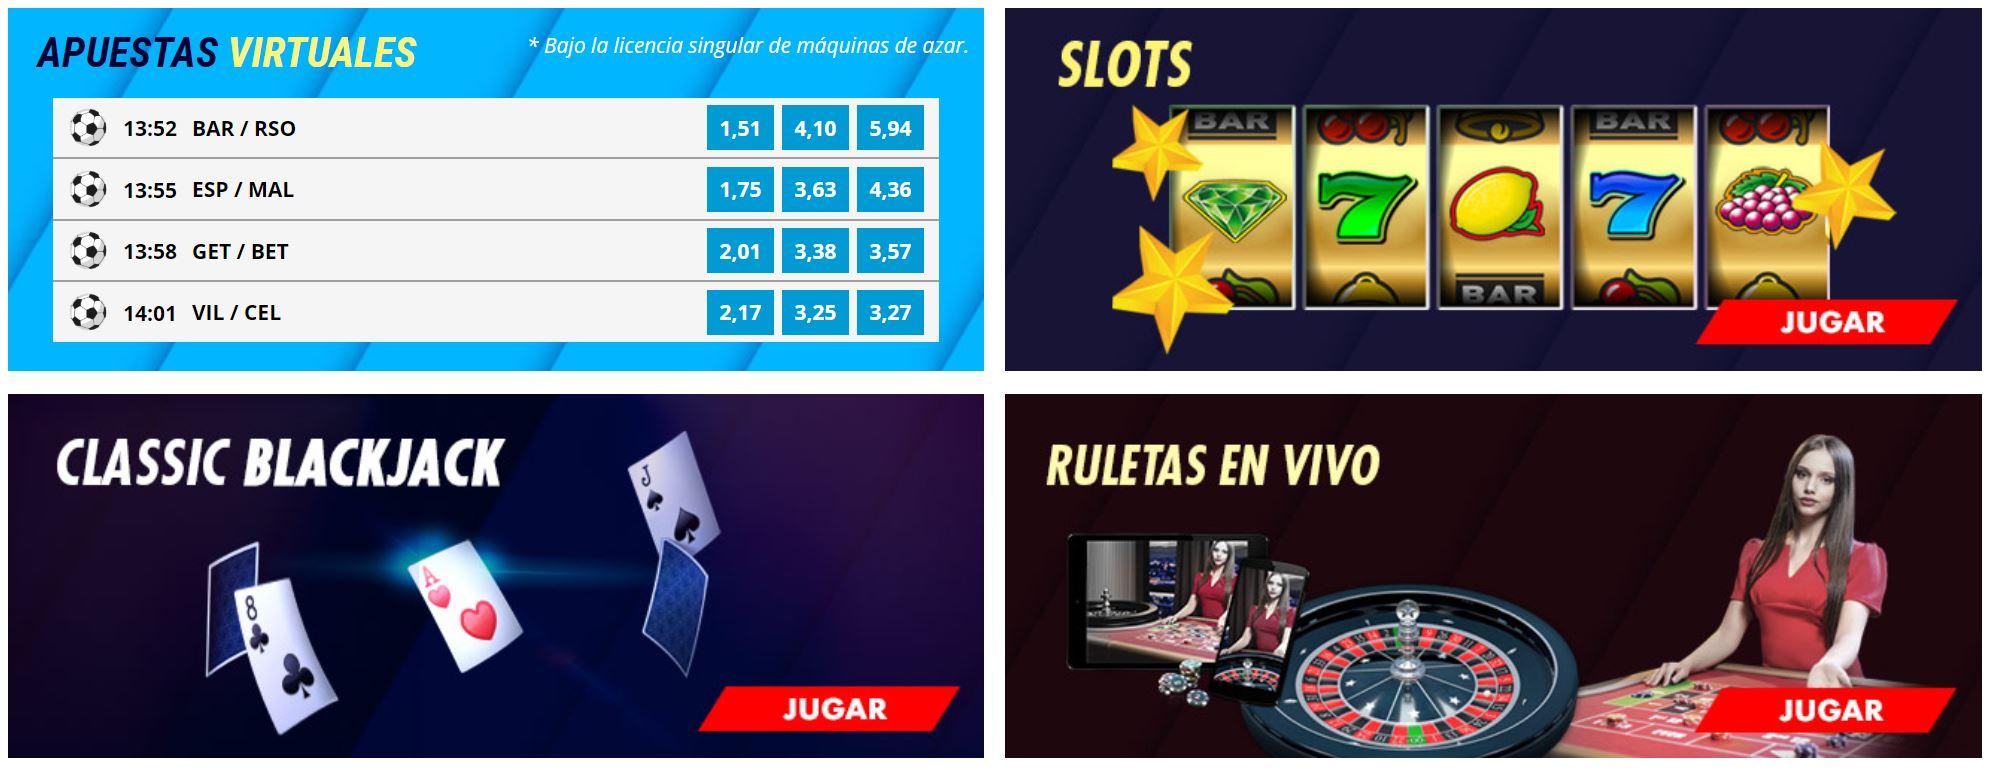 Desde slots hasta poker, todos los juegos están en Suertia.